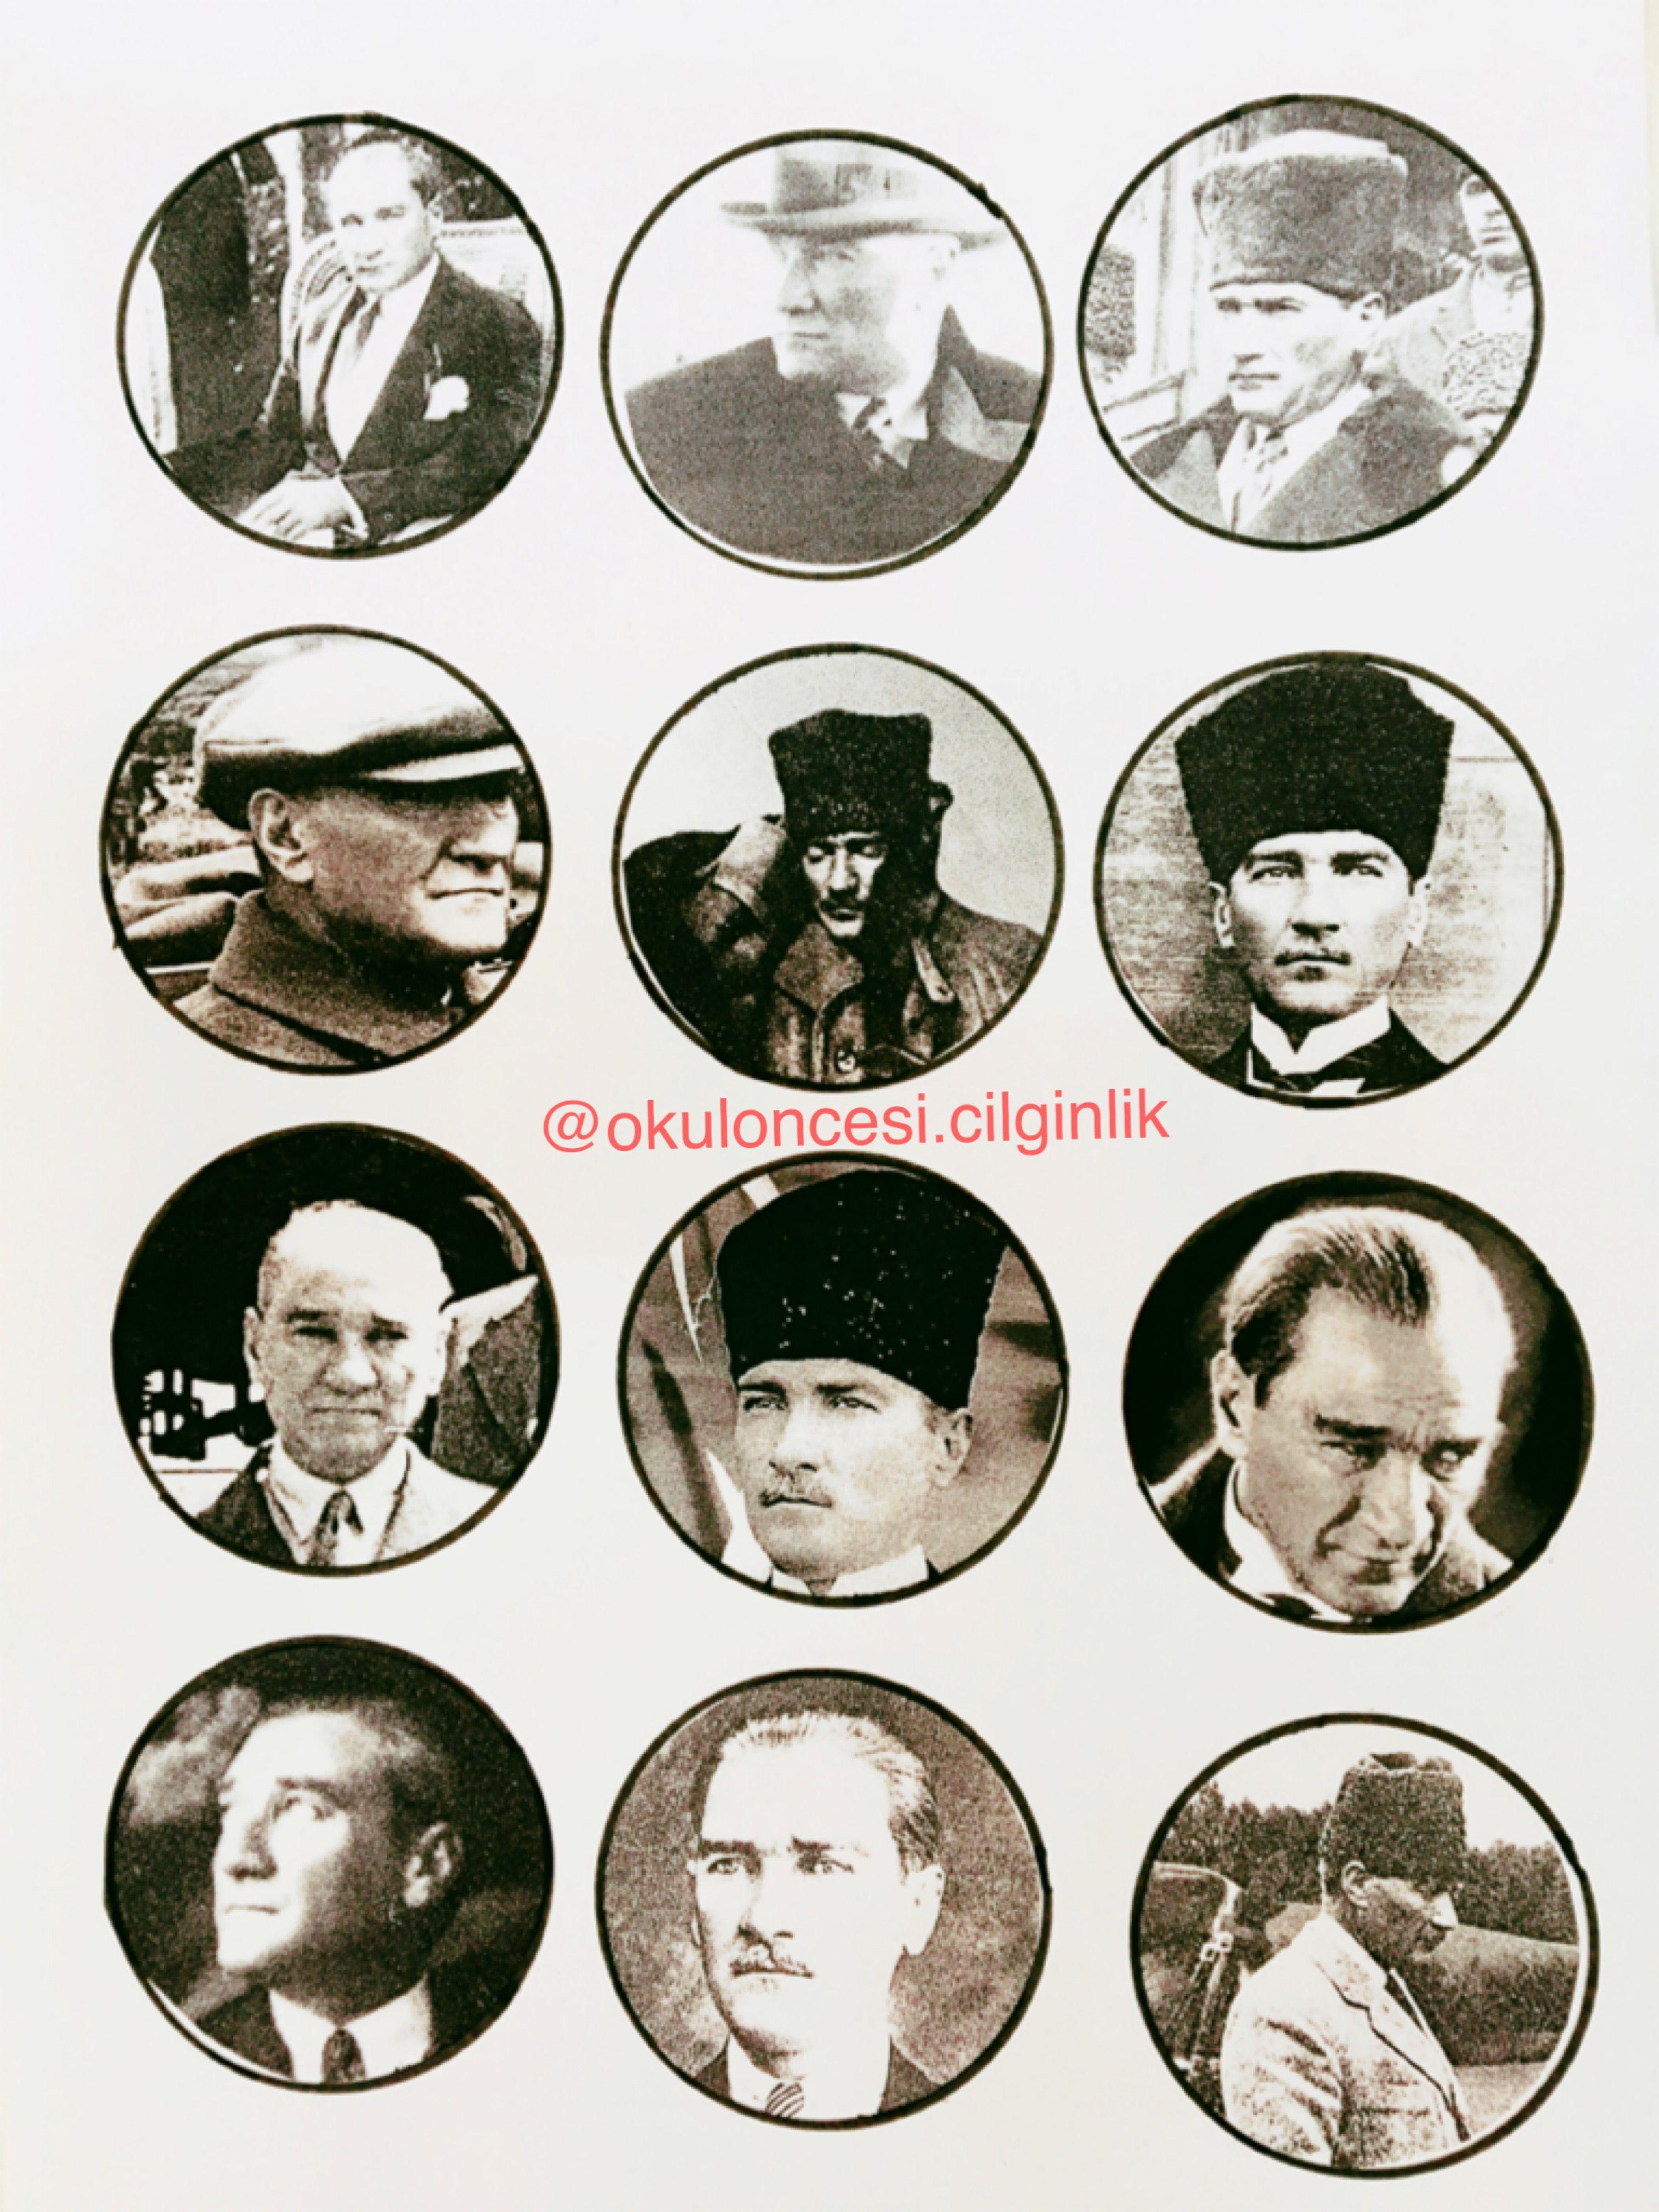 10 Kasima Dogru Bizde Zaman Hep Ataturk U Gosterir Ataturk Saatimiz Basak Ogretmen Okuloncesicilginlik Insta Boyama Sayfalari Faaliyetler Sanat Etkinlikleri